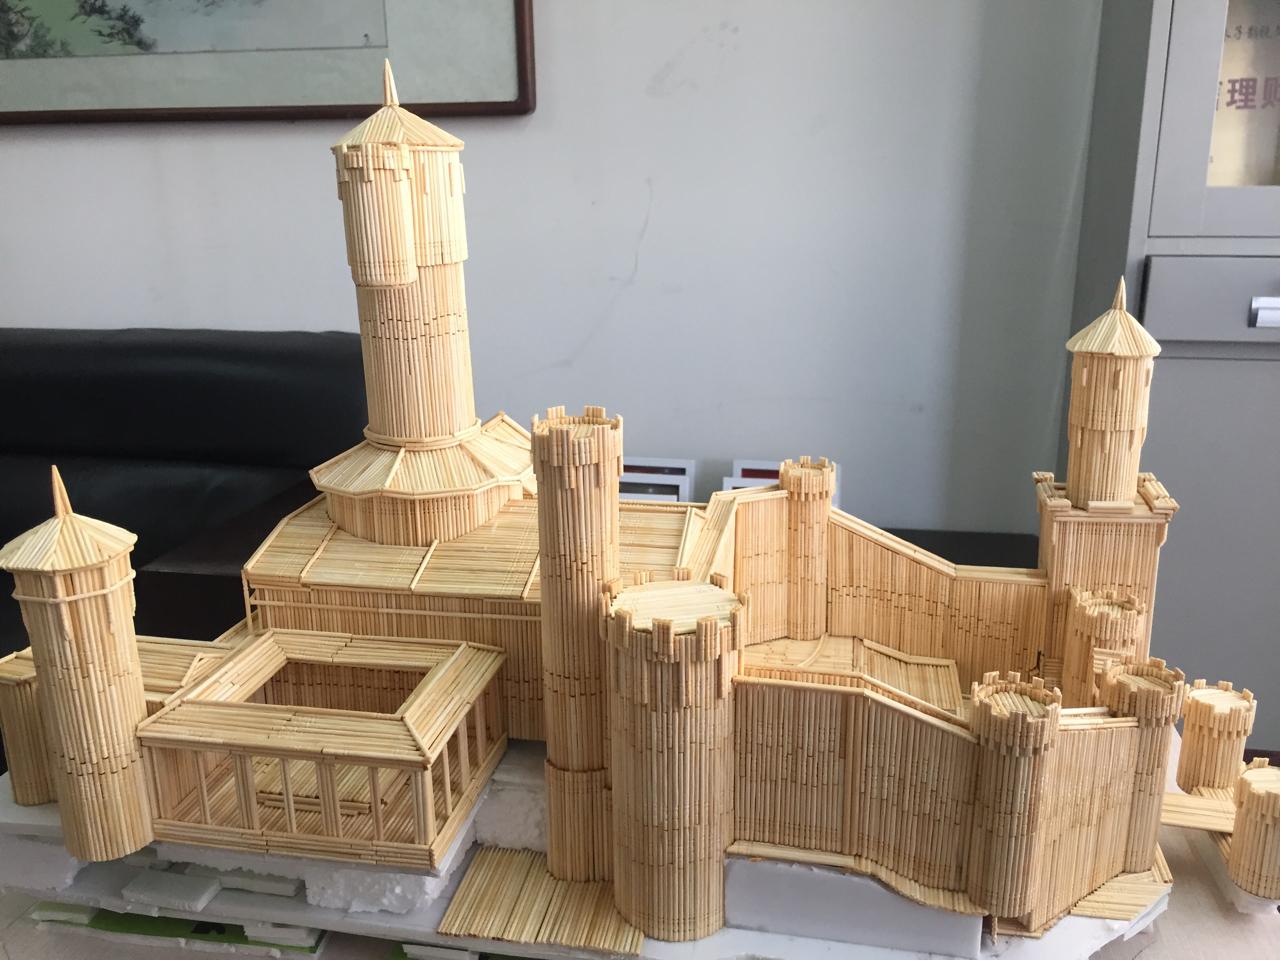 魔兽玩家纯手工作品:用牙签和筷子打造暴风城要塞